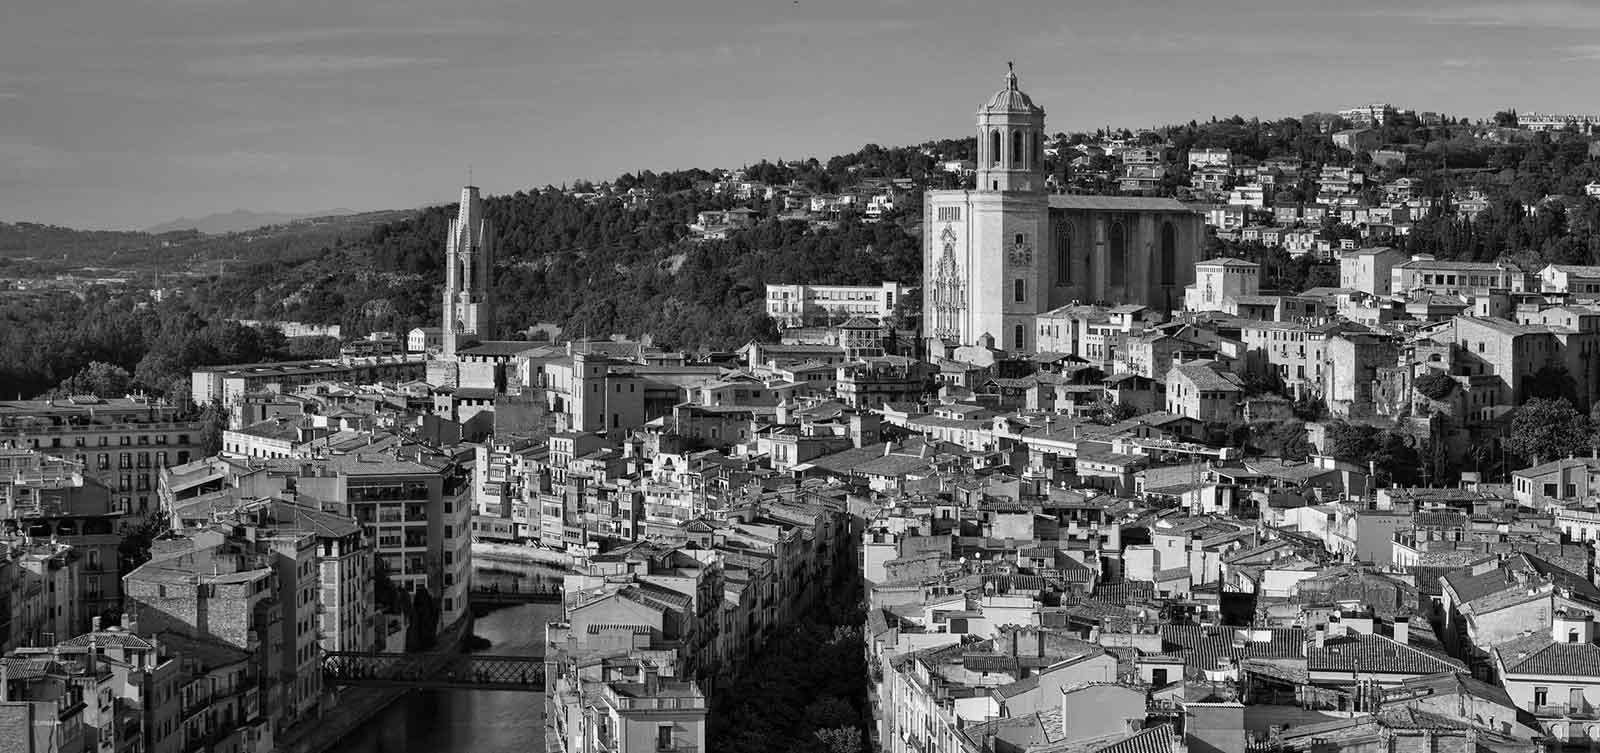 Imprenta para Girona al mejor precio y con la mayor calidad.